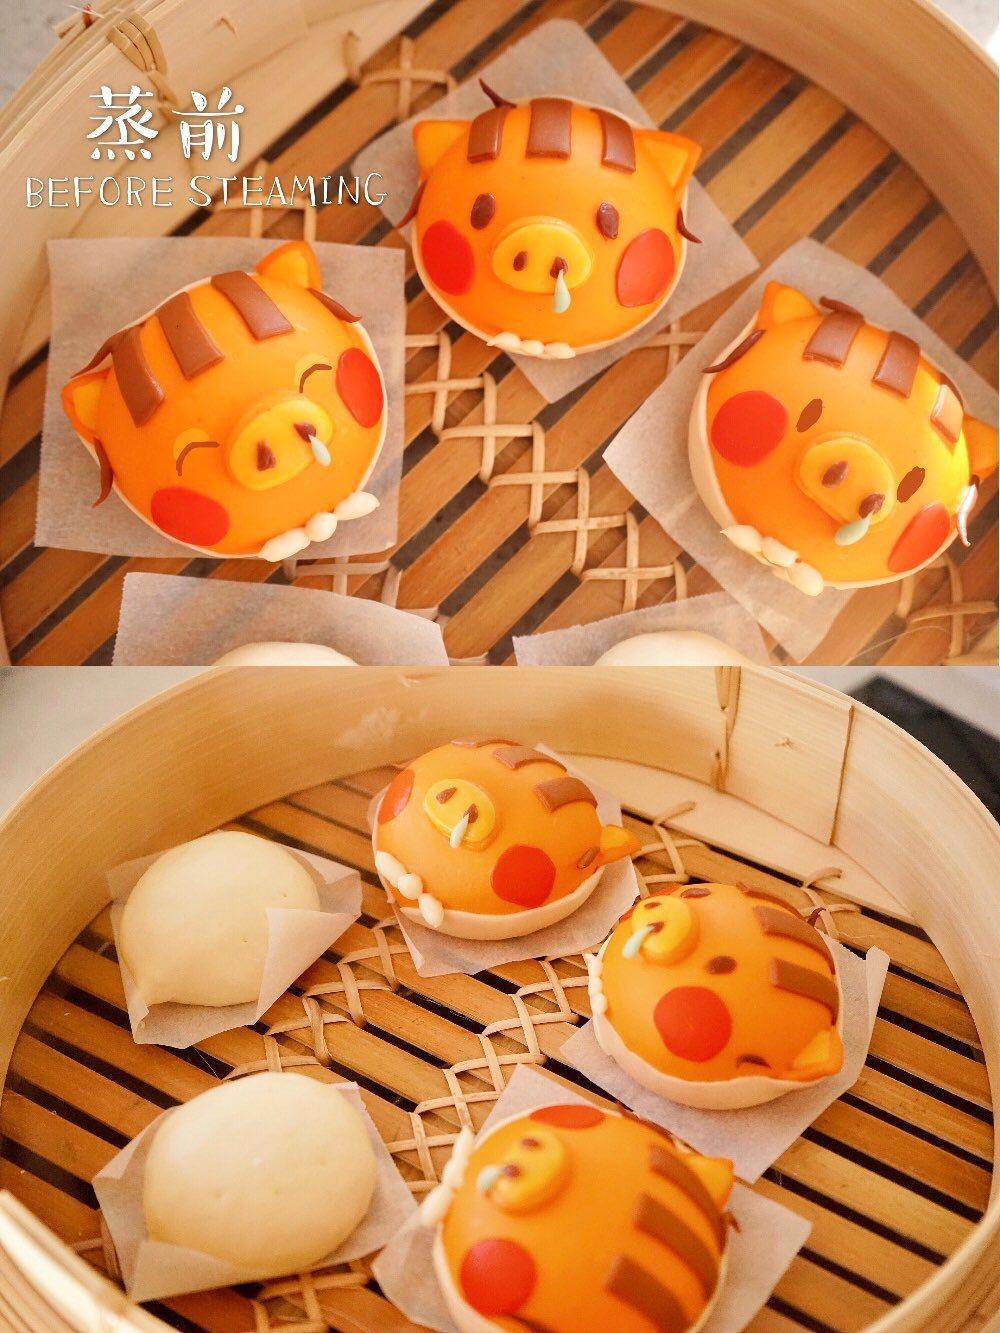 小山豬「曹賣」也做出了多個表情,非常精巧。圖擷自Twitter @Everyda...